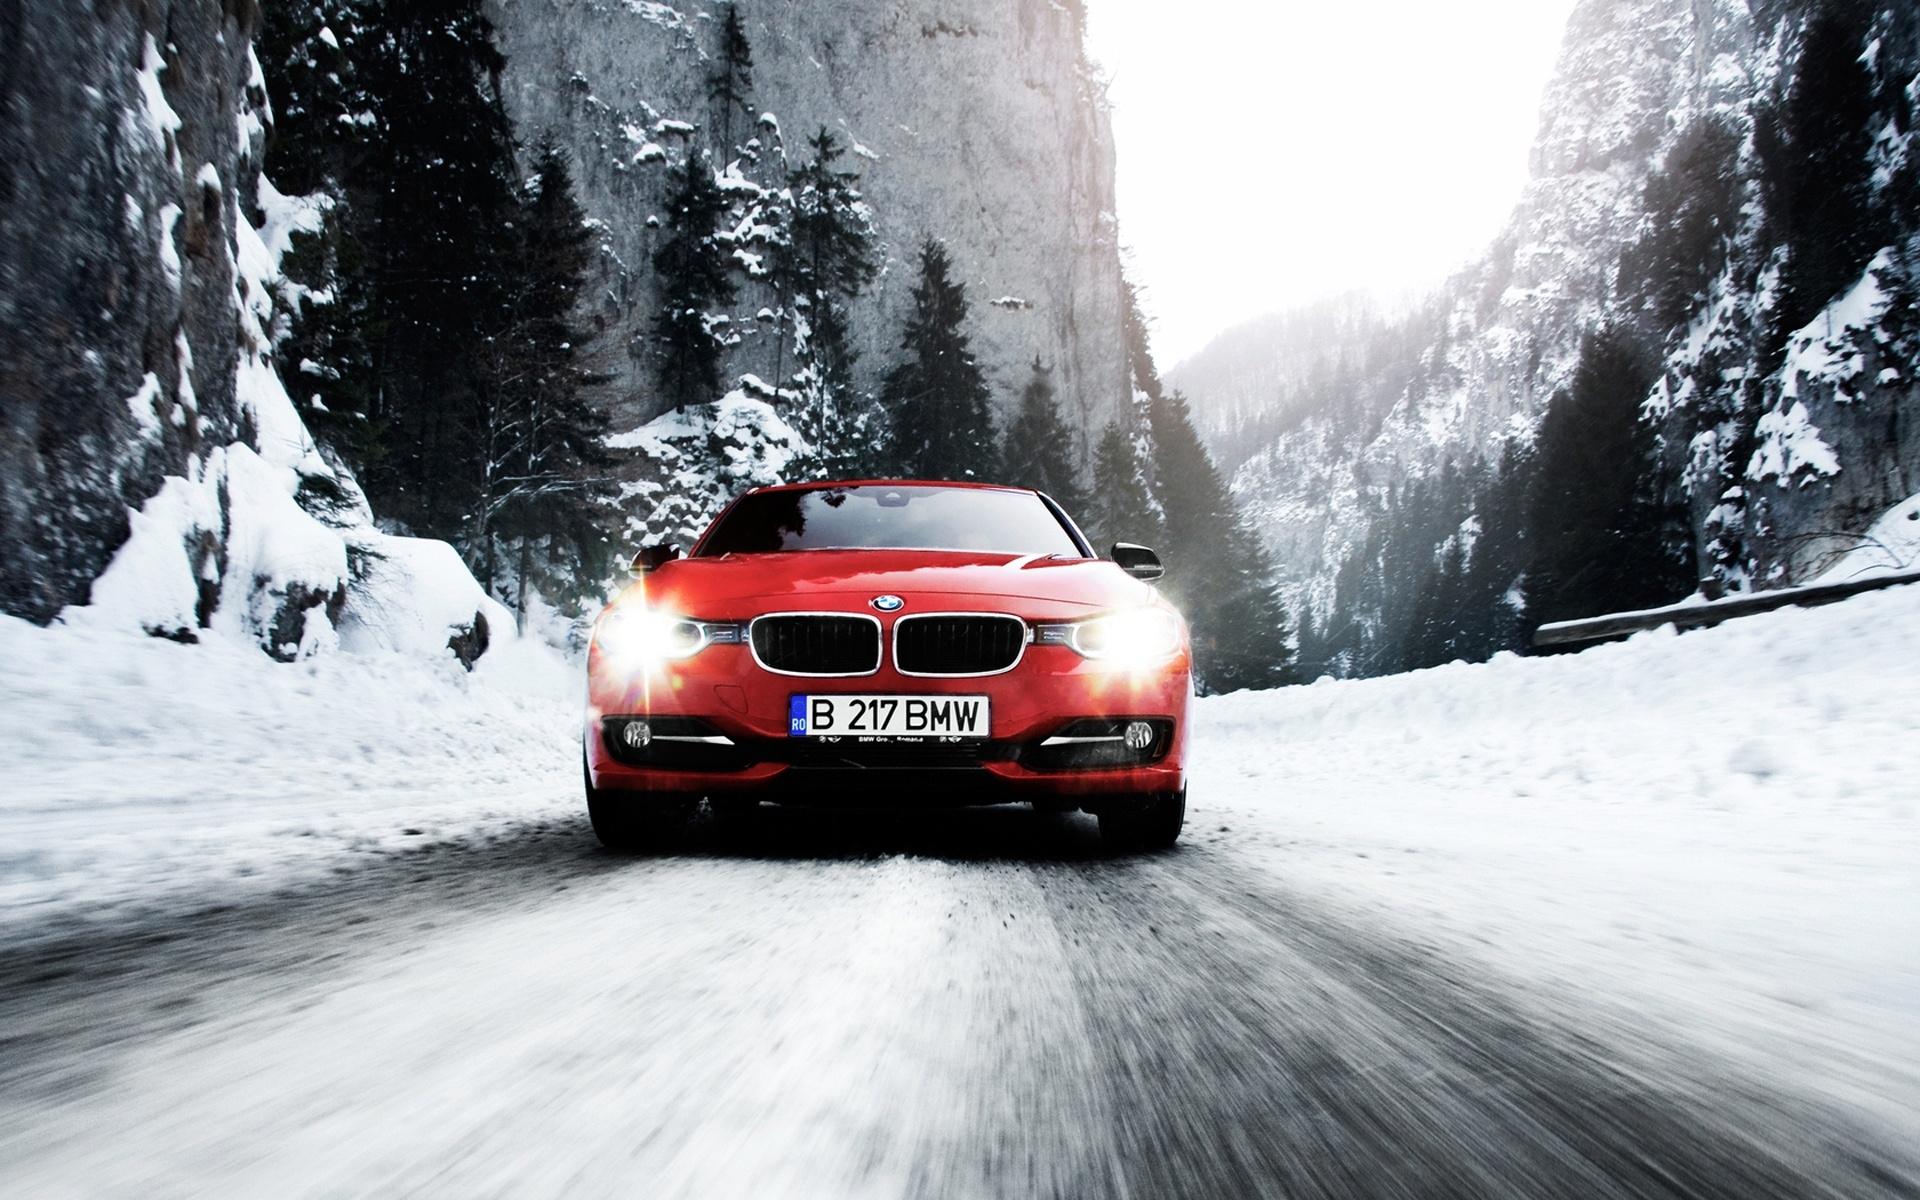 фото обои авто в снегу тоже частенько